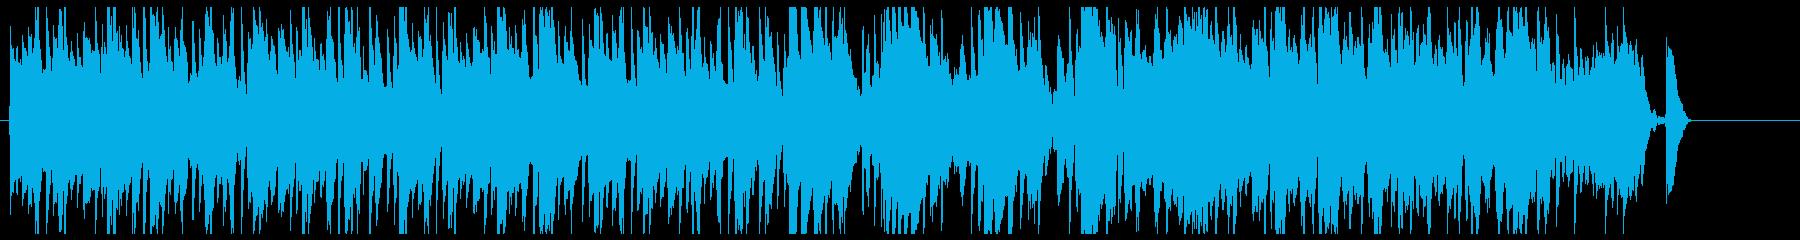 クラシカルでかわいいポップスの再生済みの波形